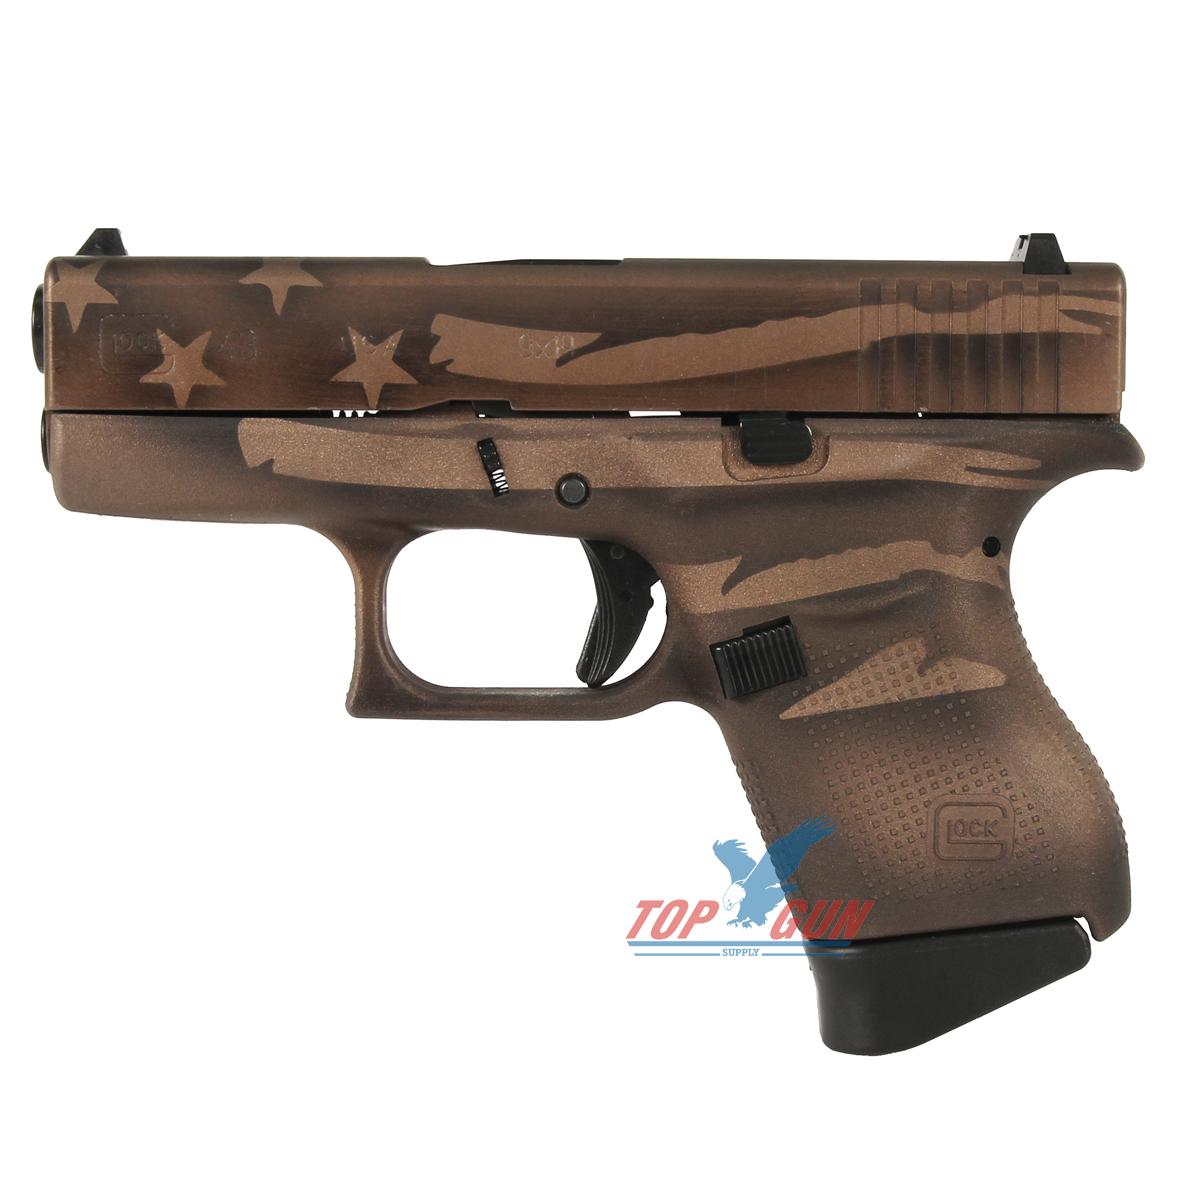 Glock 43 9mm - Battleworn Bronze Distressed Flag